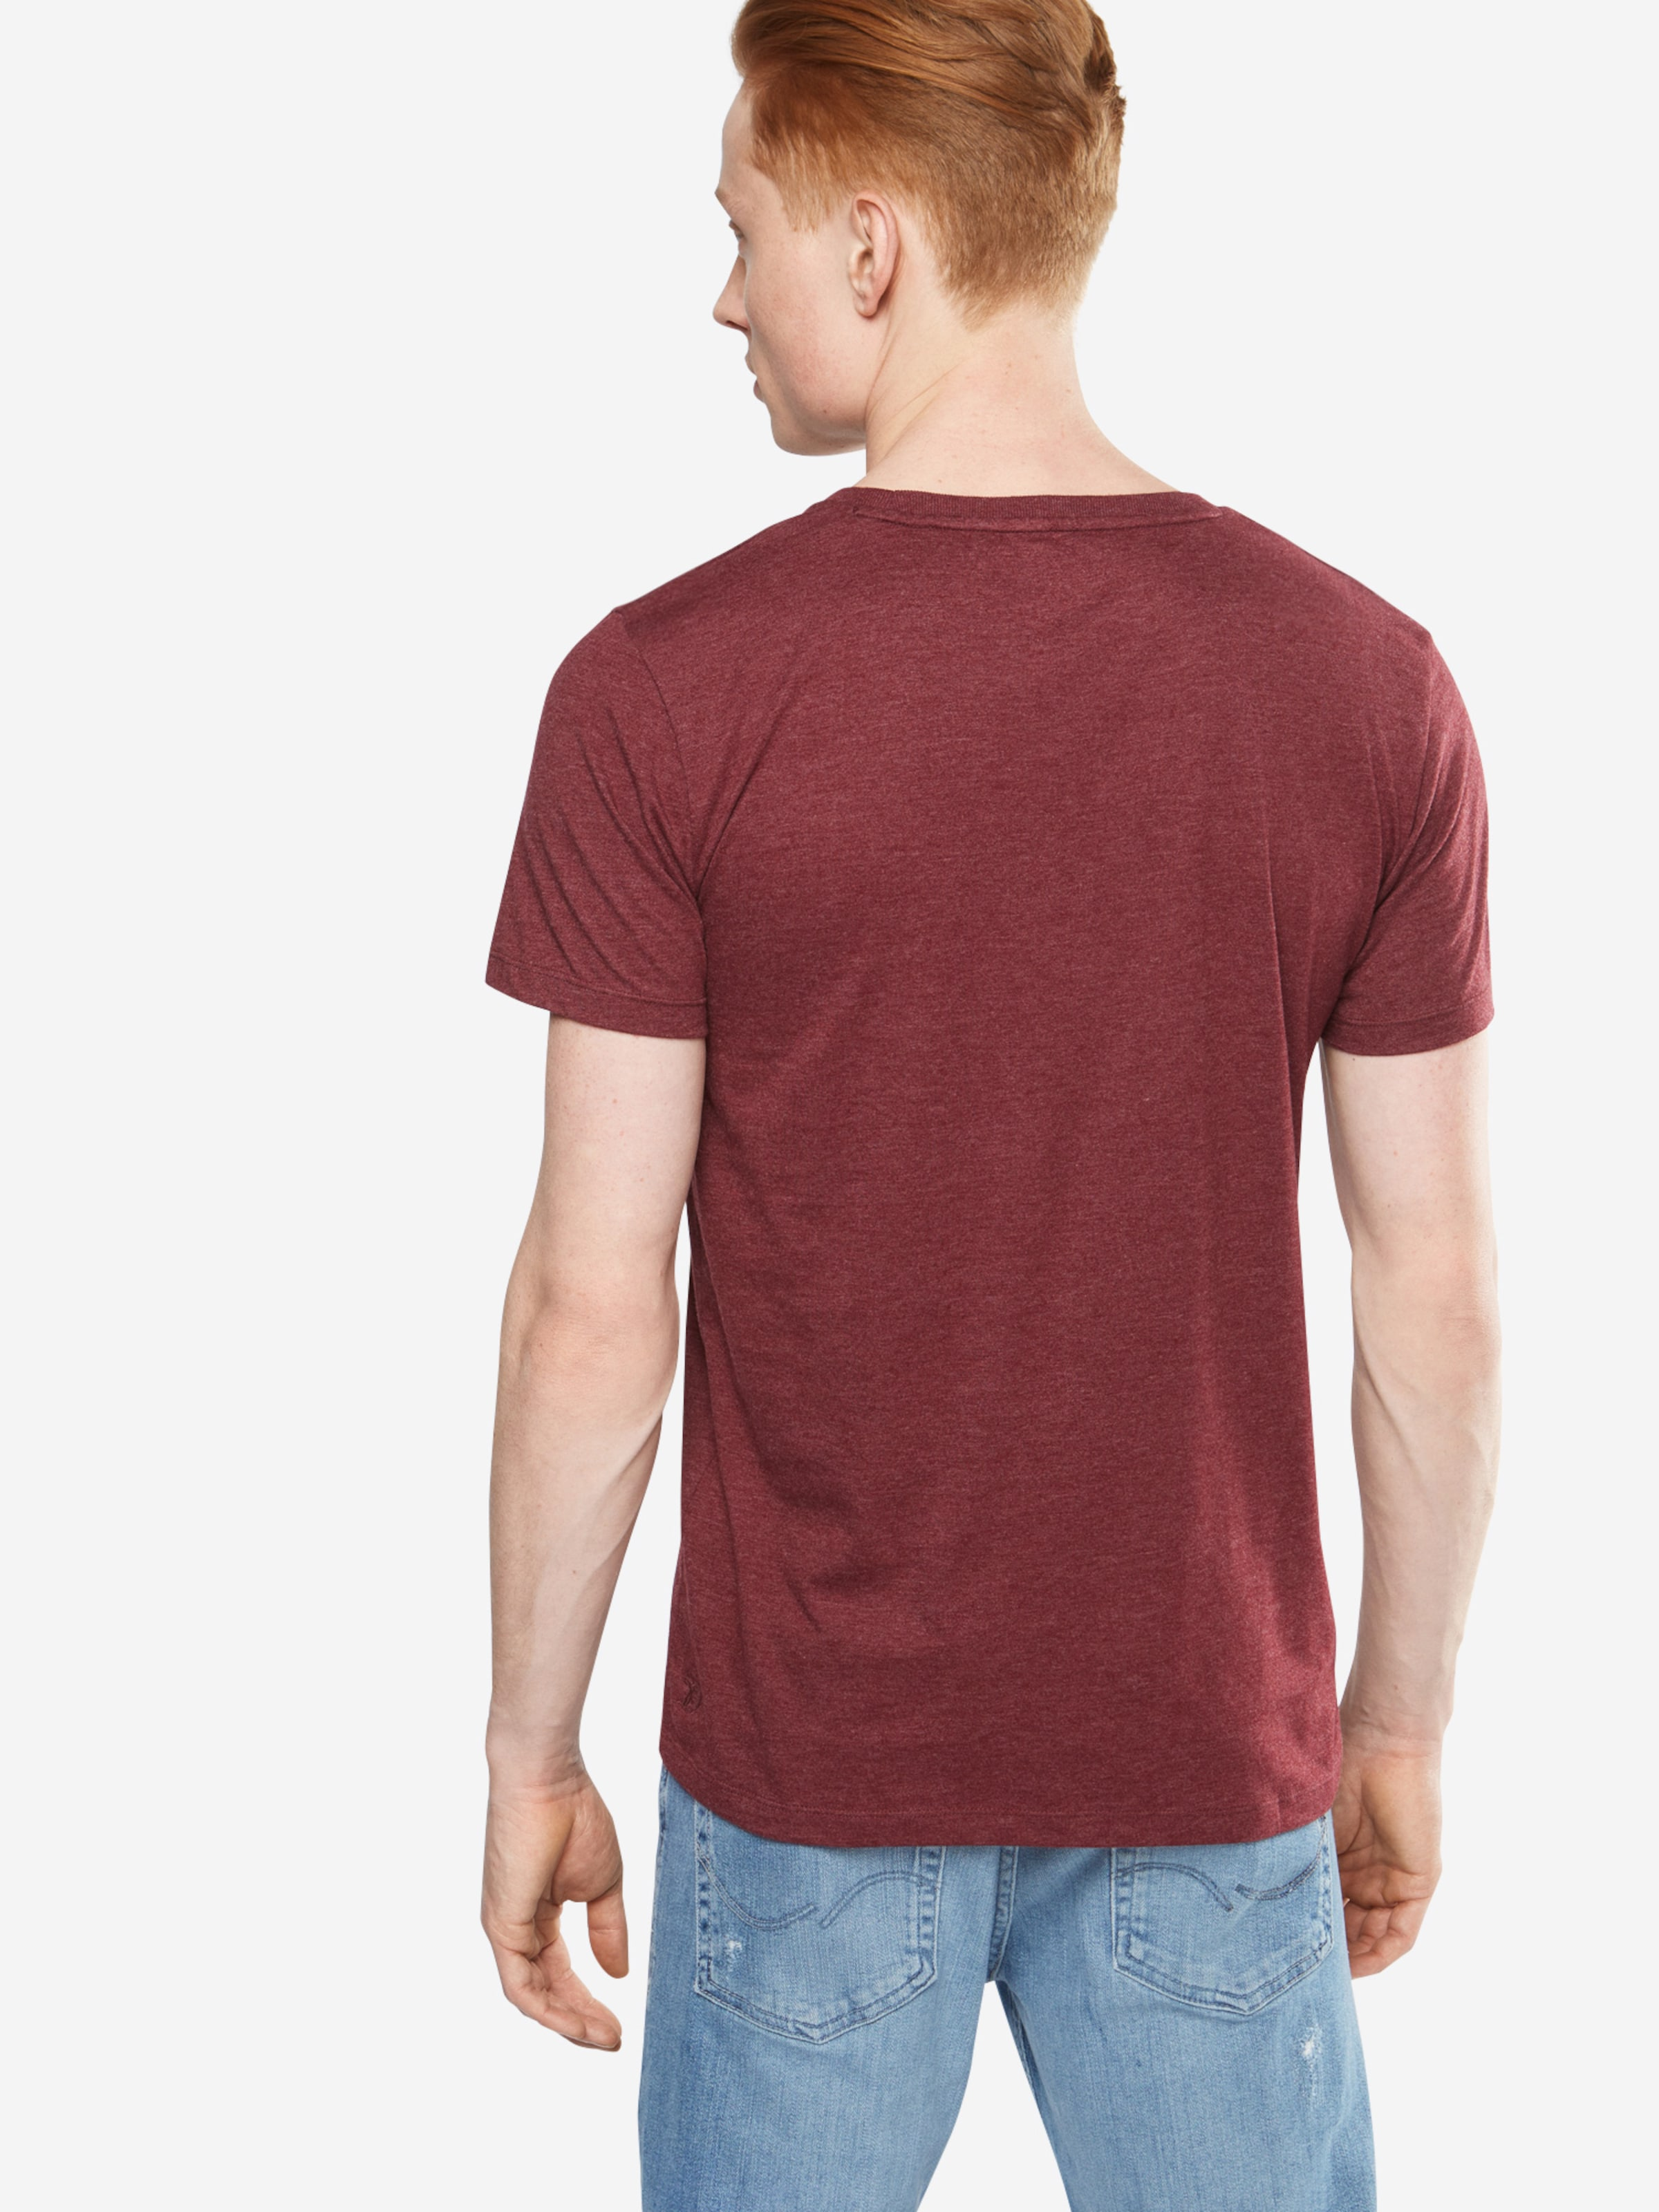 TOM TAILOR DENIM T-Shirt 'NOS melange tee with print' Freies Verschiffen Preiswerter Preis Einkaufen Outlet Online 3ZtOttpuL